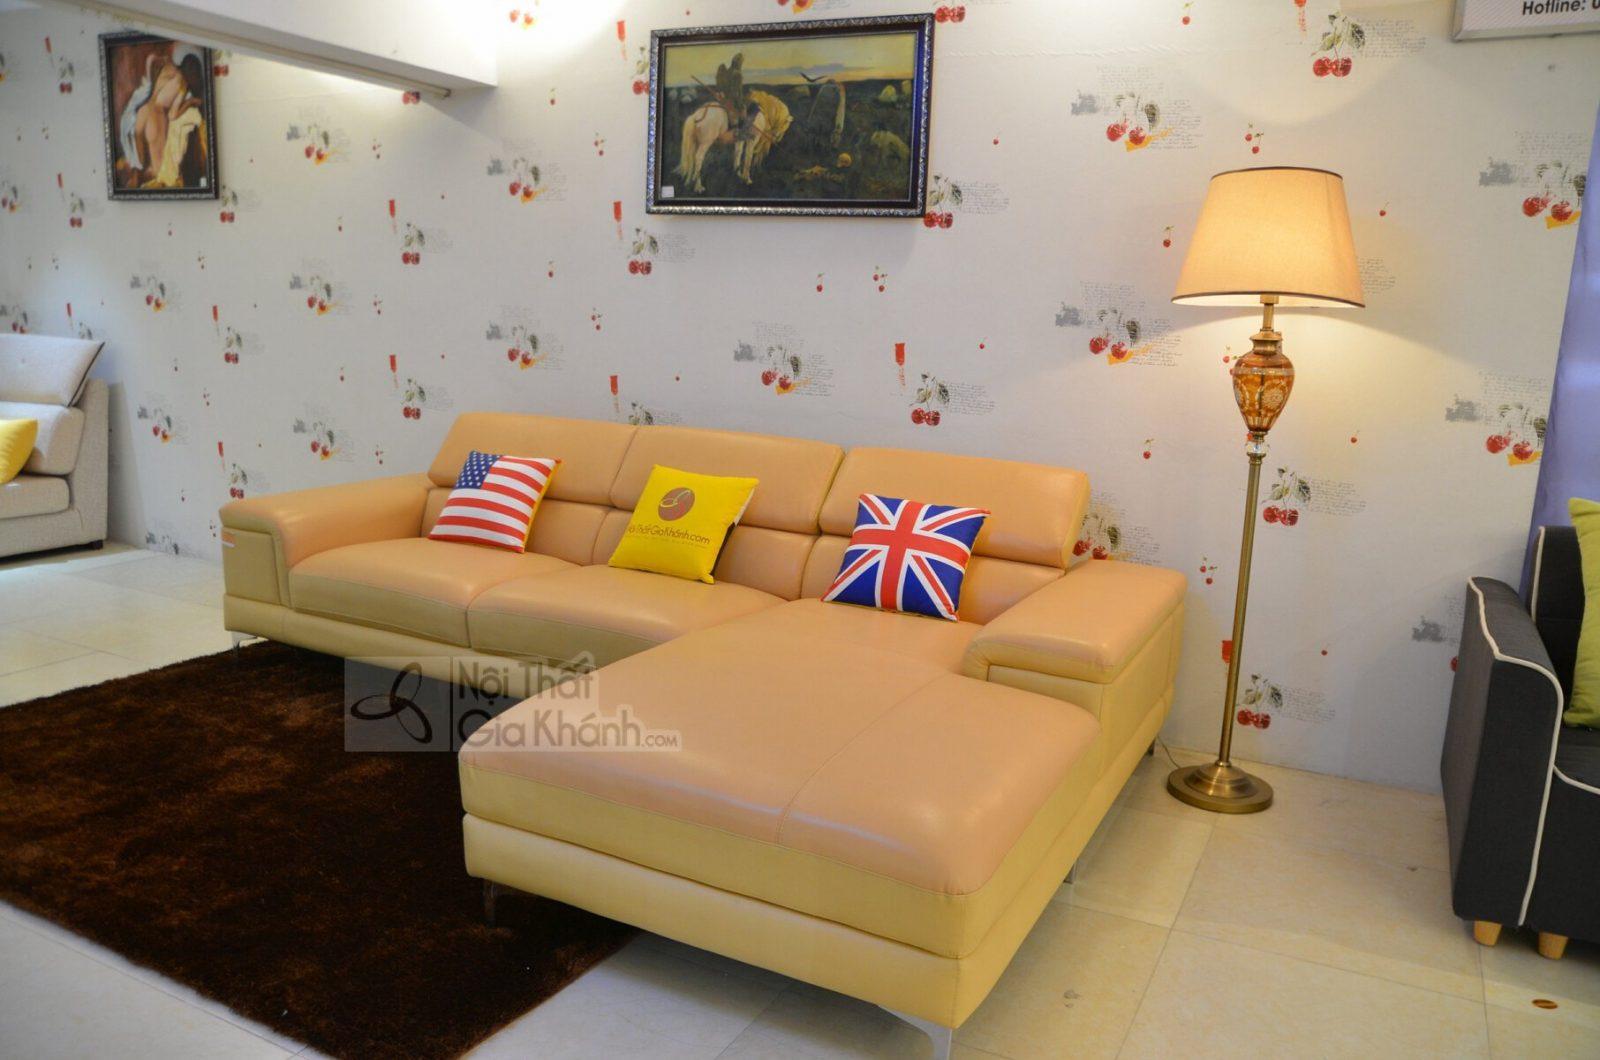 sofa da 1060 vàng đậm 2900x1850 6 - GHẾ SOFA DA GÓC TRÁI ĐẸP HIỆN ĐẠI MÀU VÀNG 2 BĂNG 1060SF2GT